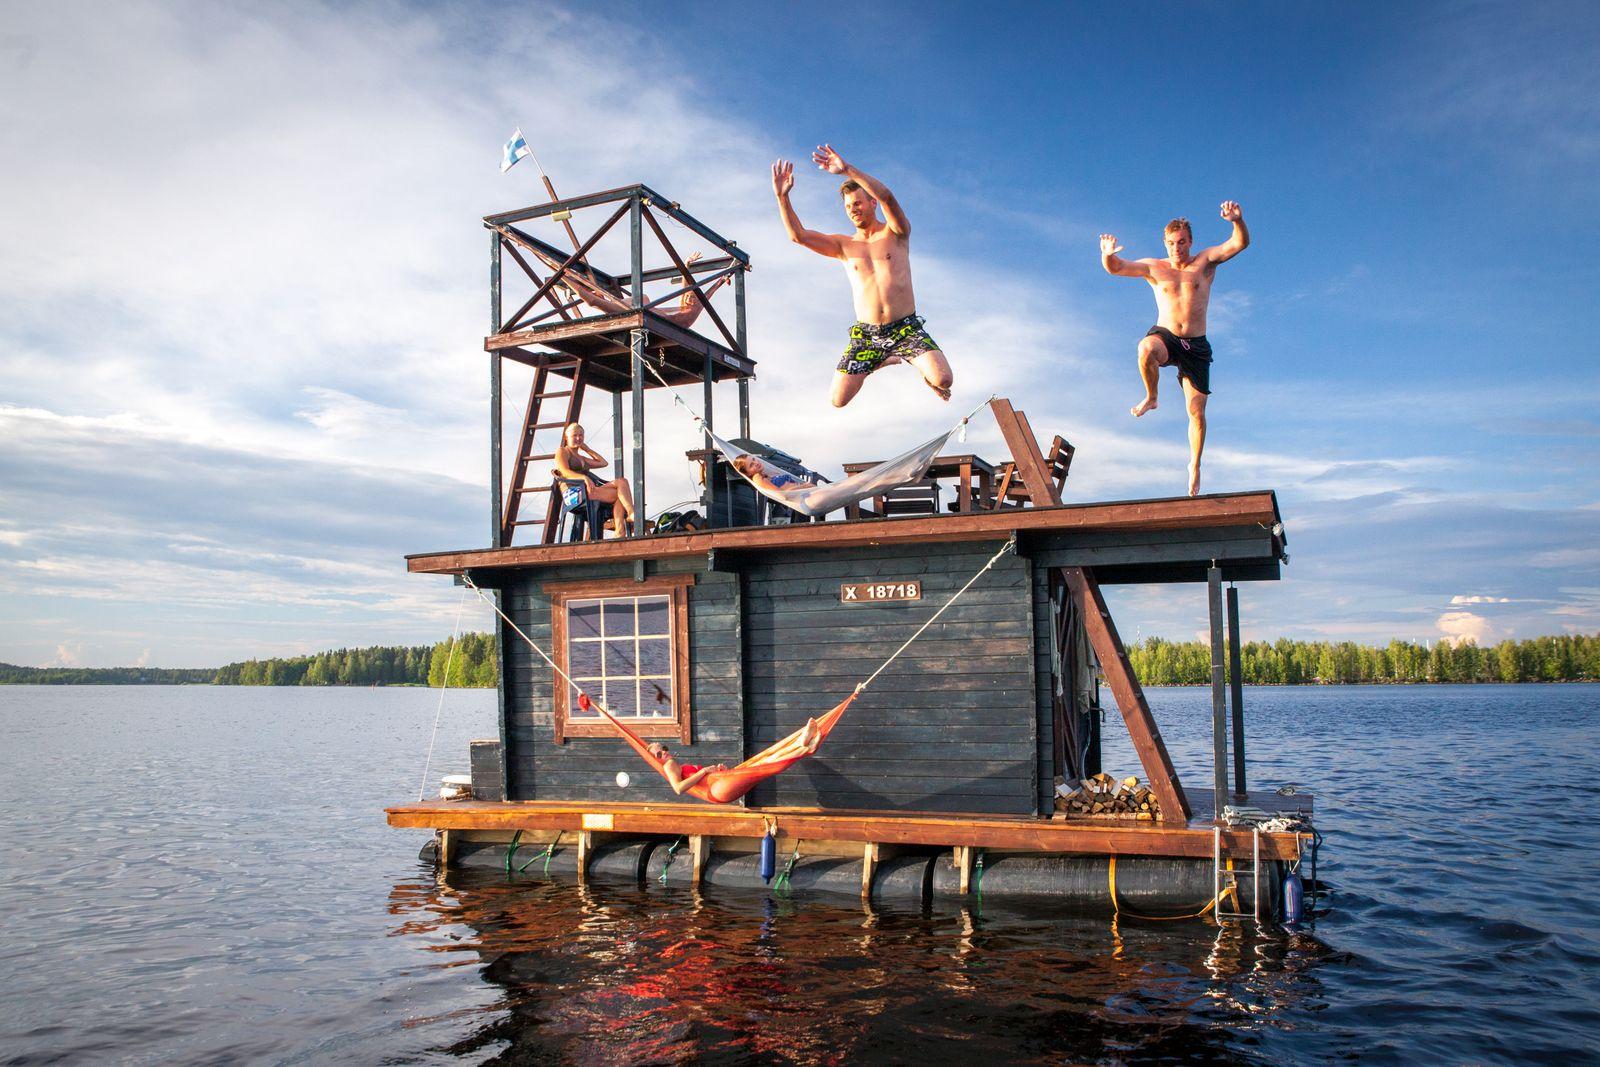 p.156_Saunalatta,PhotoJyriHeikkinen,RocktheBoat,gestalten2017